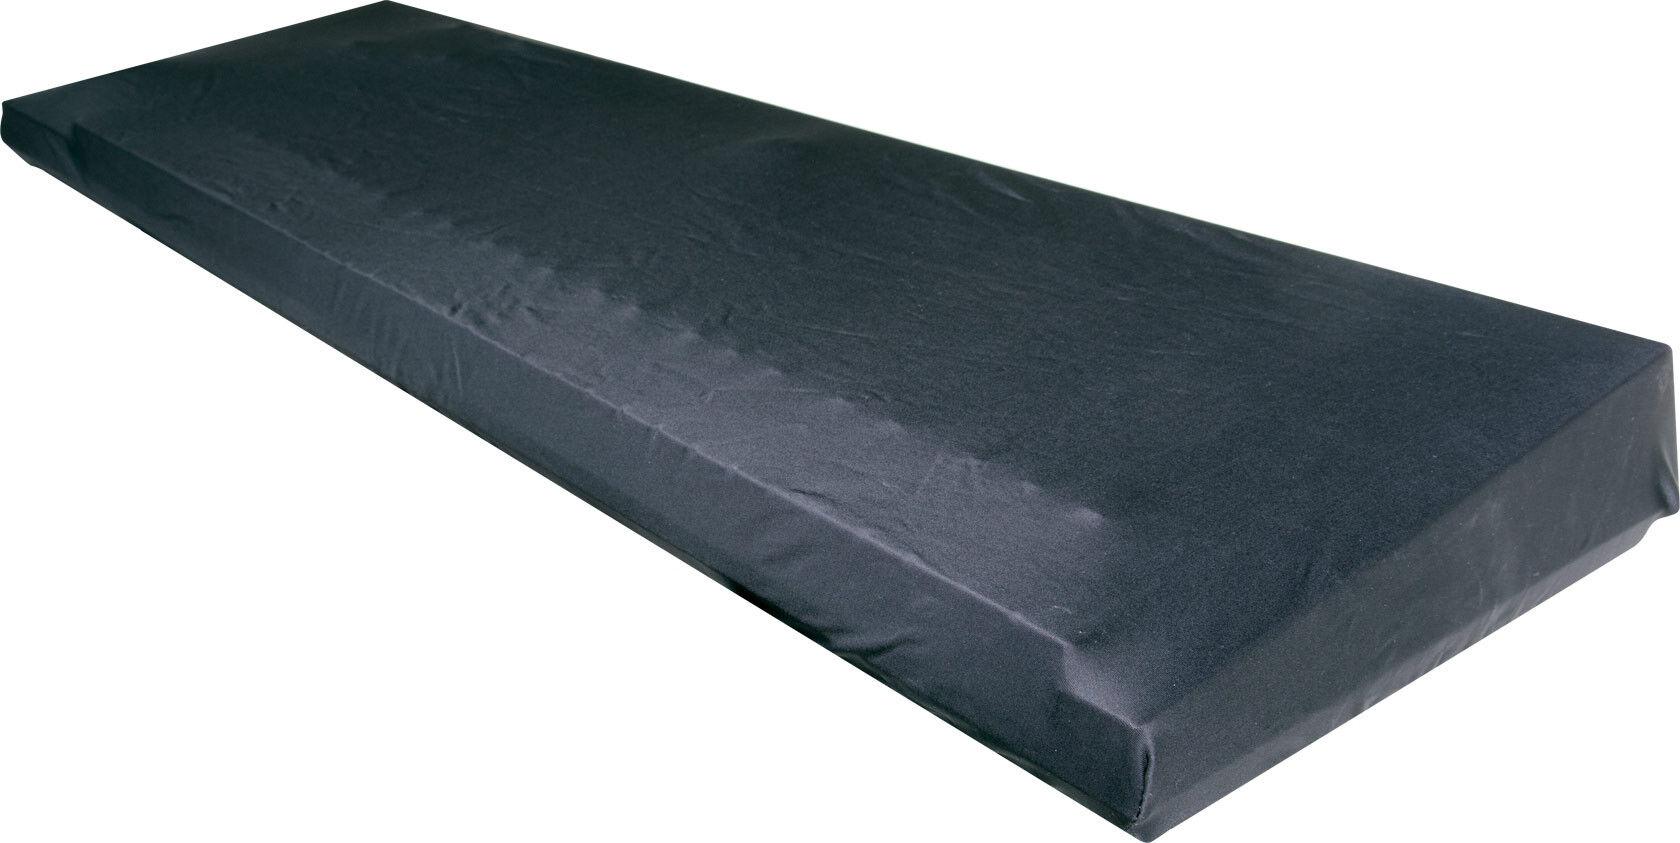 Roland Kc Dust Cover Size L